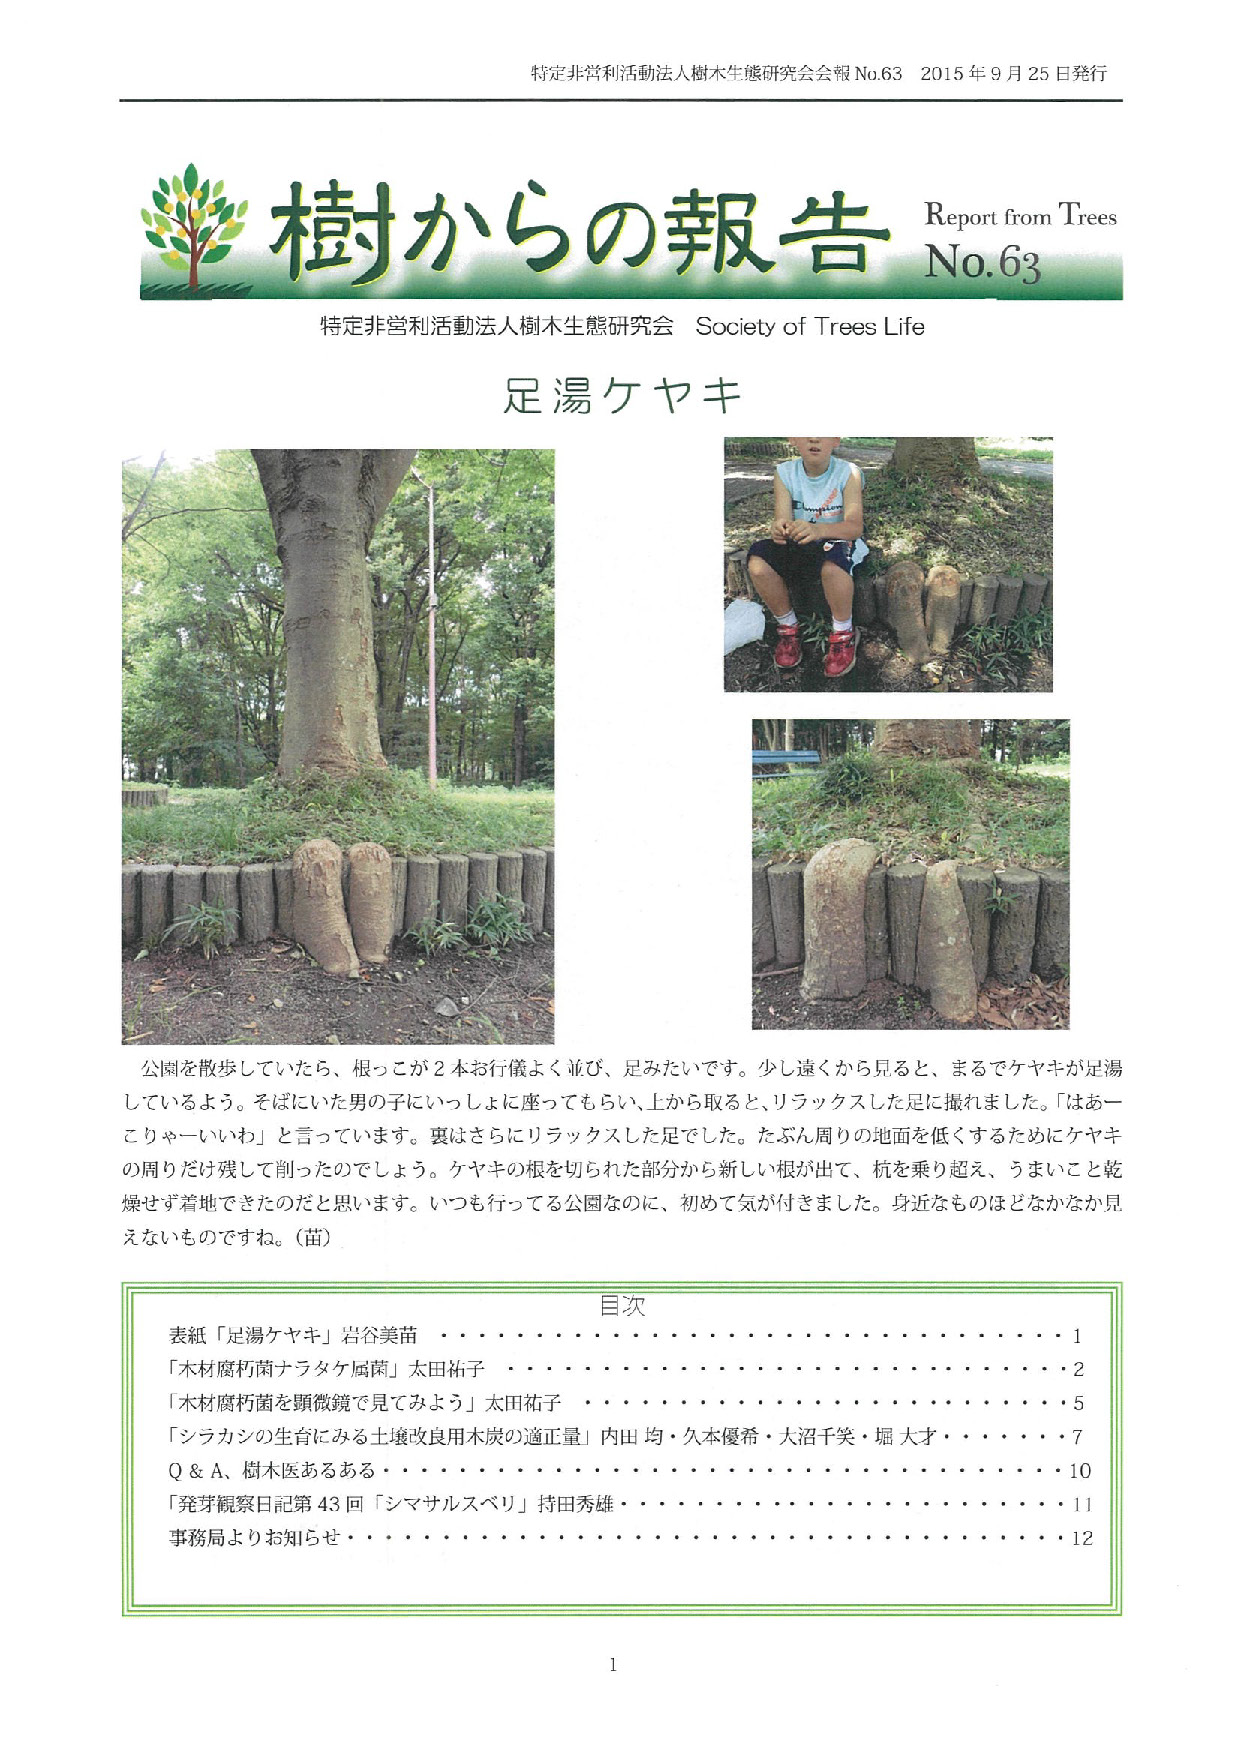 樹からの報告 会報63号